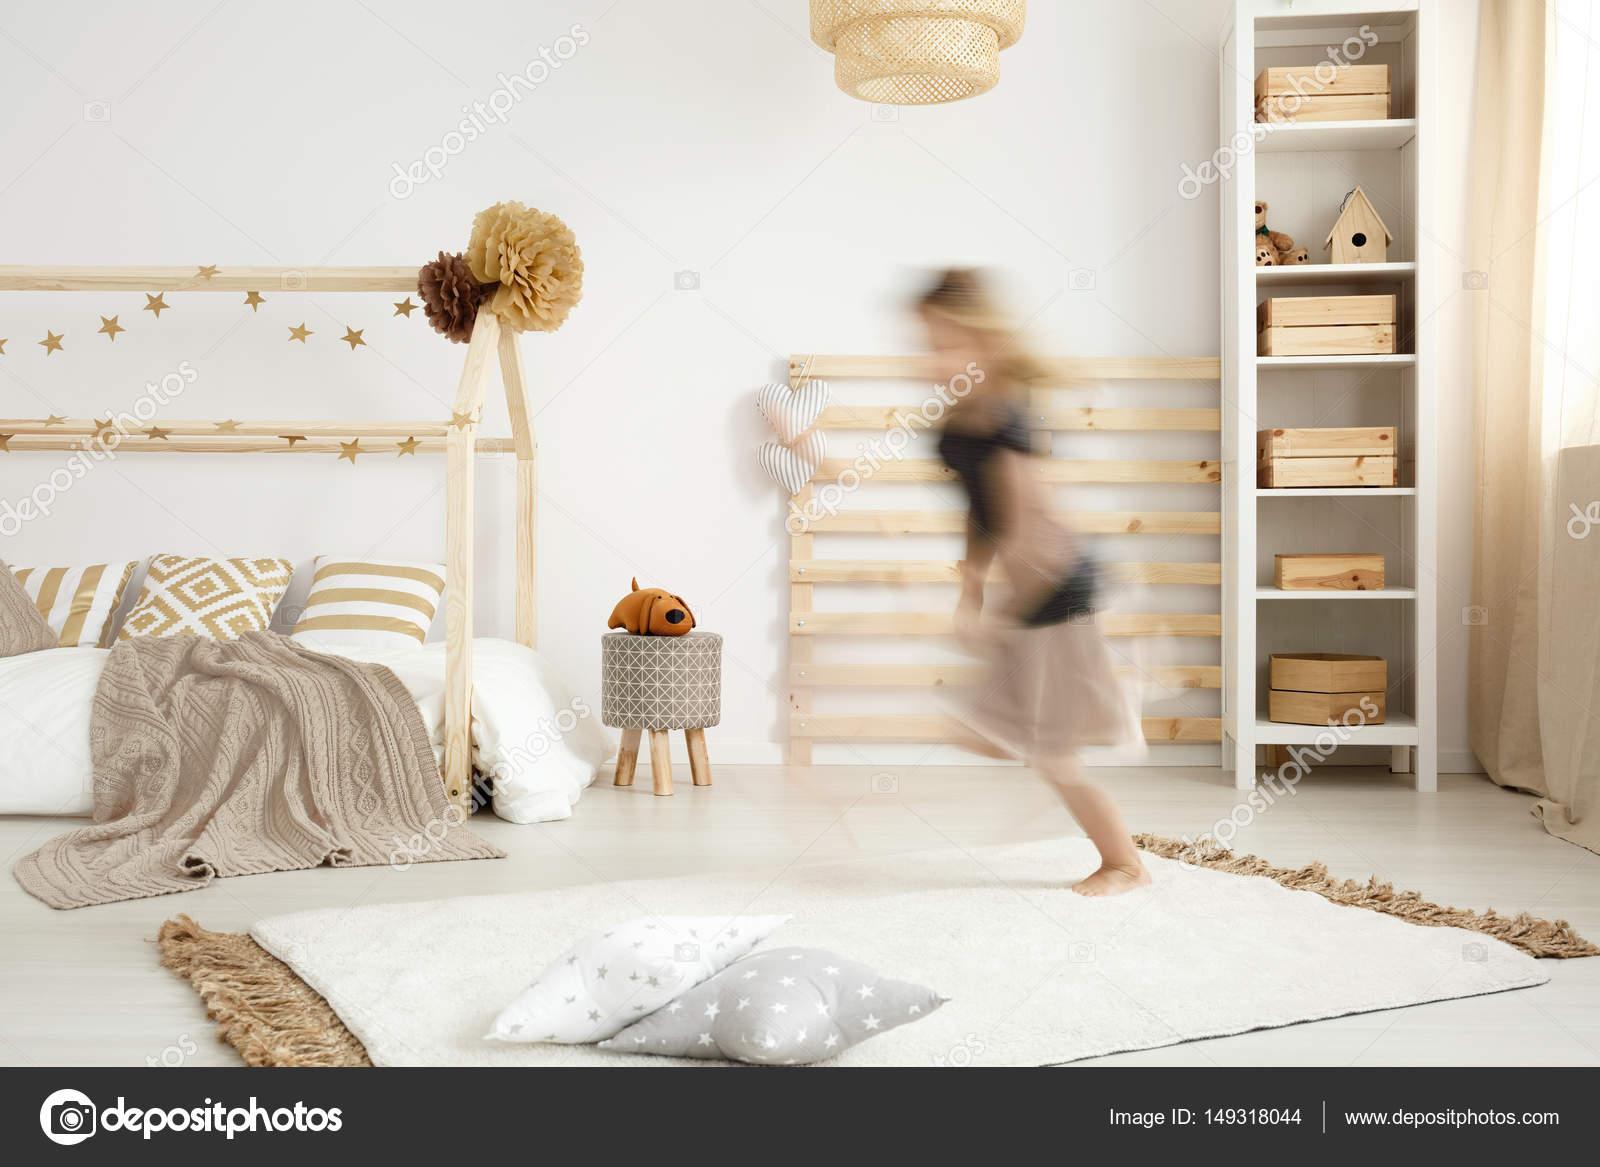 scandinavische stijl slaapkamer stockfoto